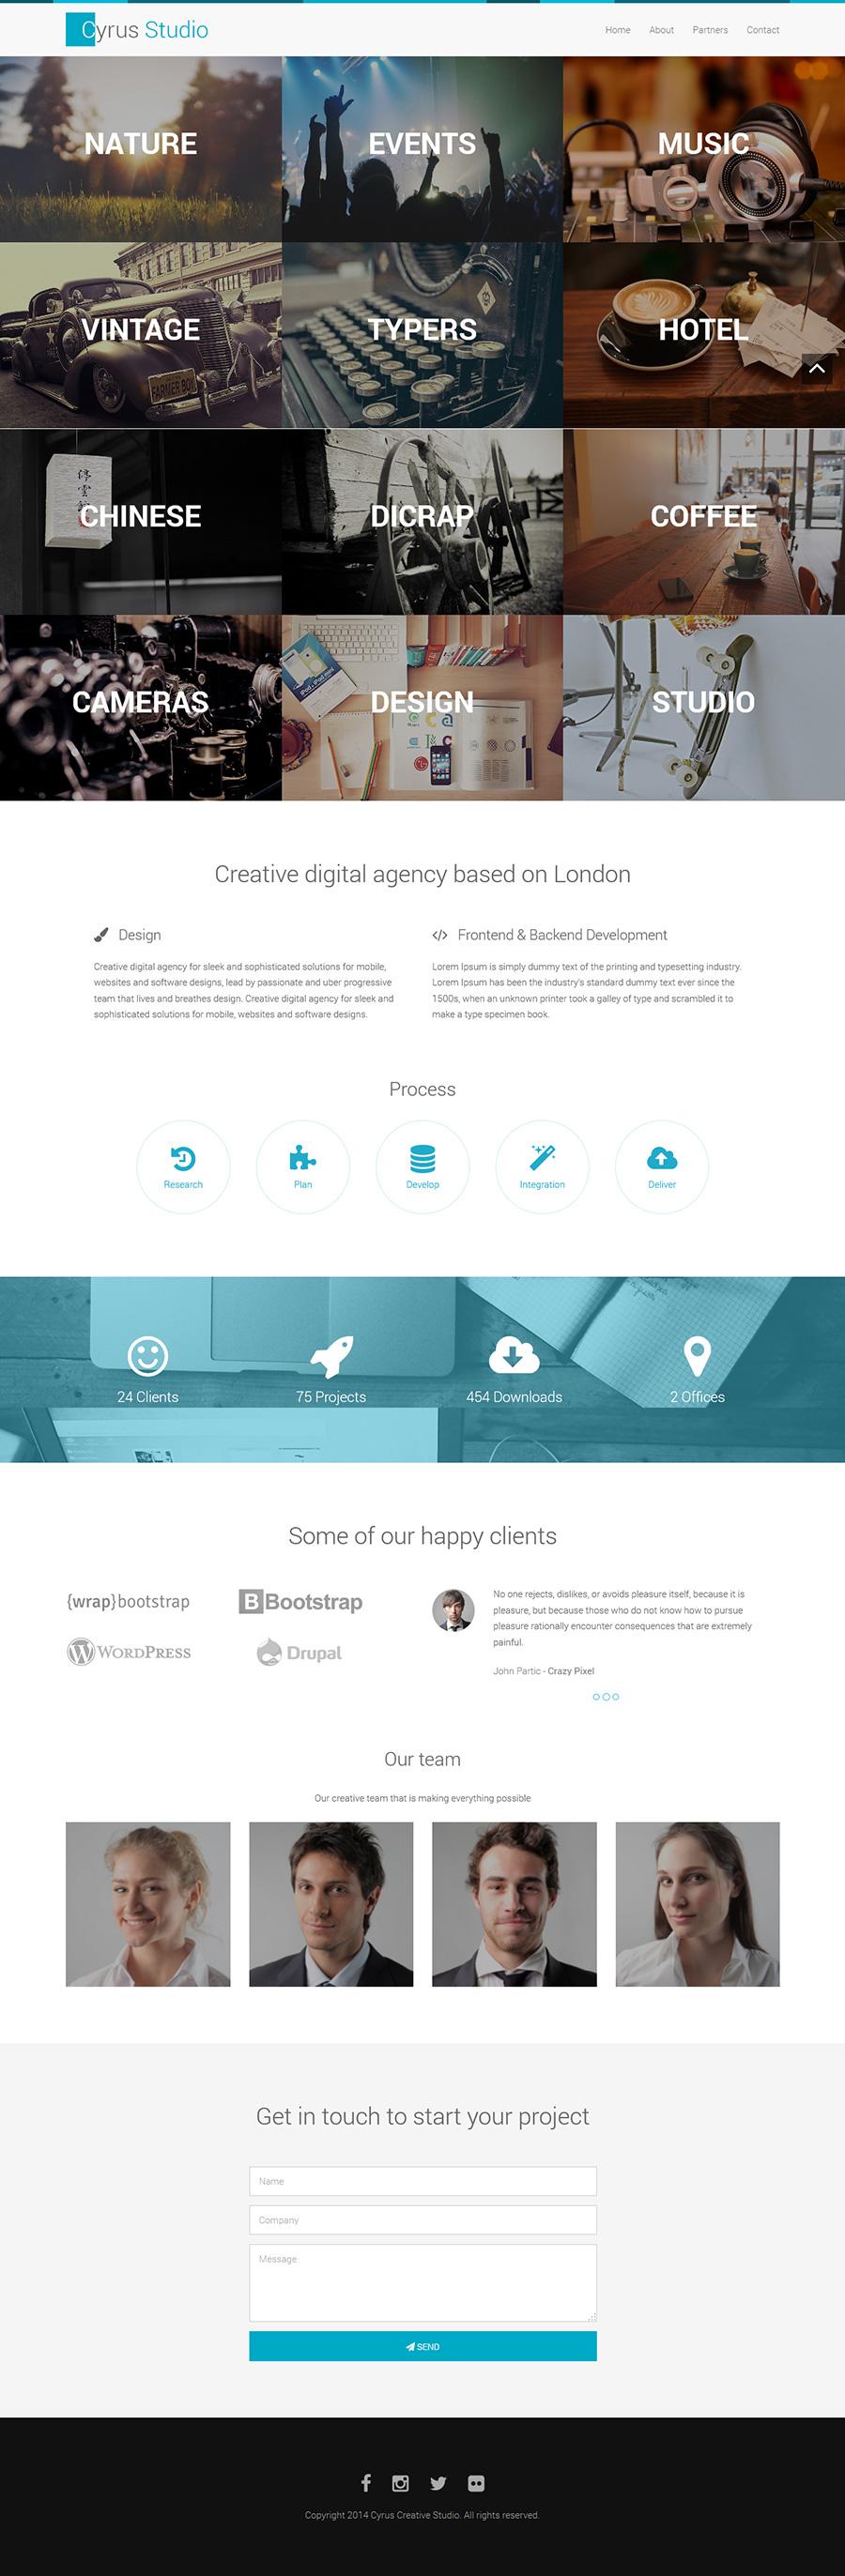 Cyrus Studio - free bootstrap portfolio theme   Free Creative Agency ...